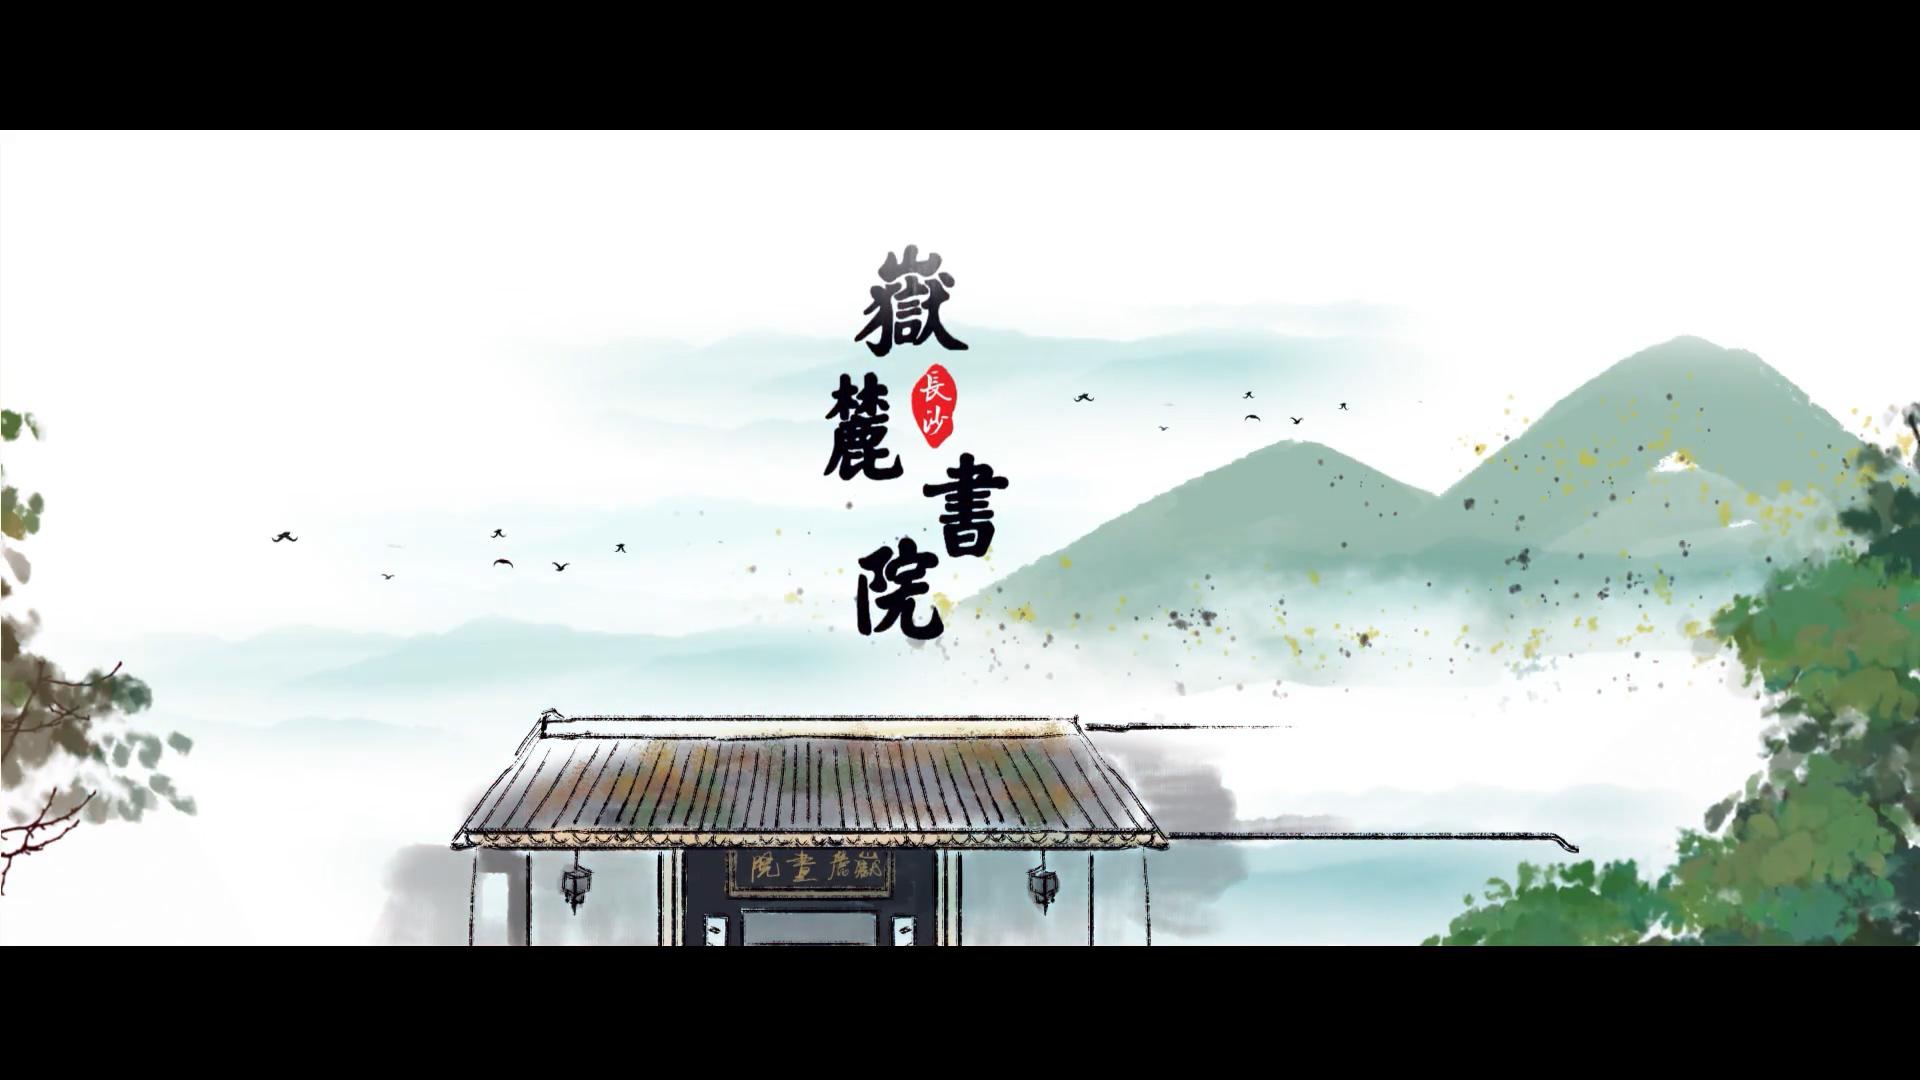 短视频丨岳麓书院·风雅颂